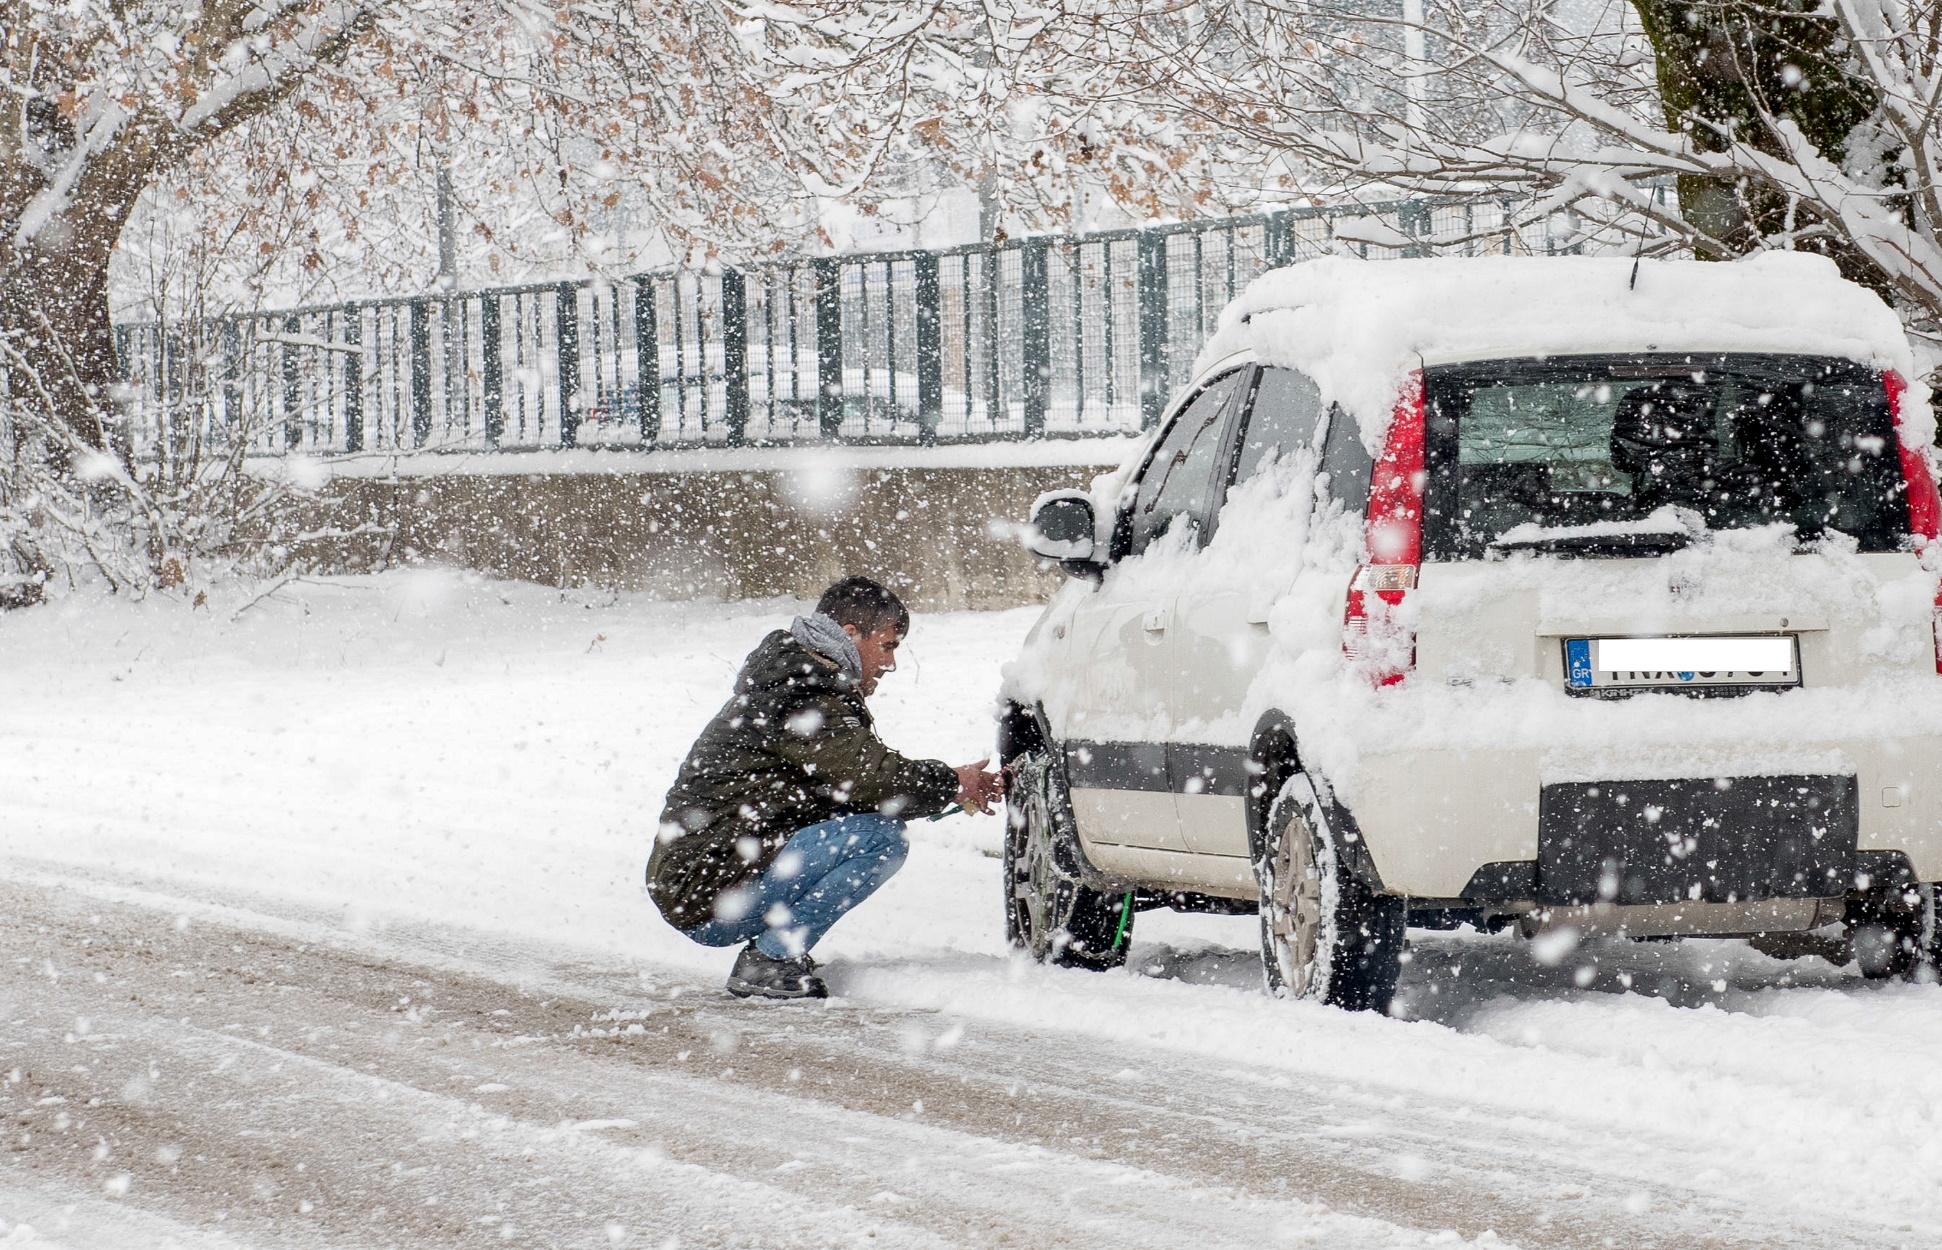 Καιρός – Κακοκαιρία Μήδεια: Πού έχει διακοπεί η κυκλοφορία λόγω του χιονιά